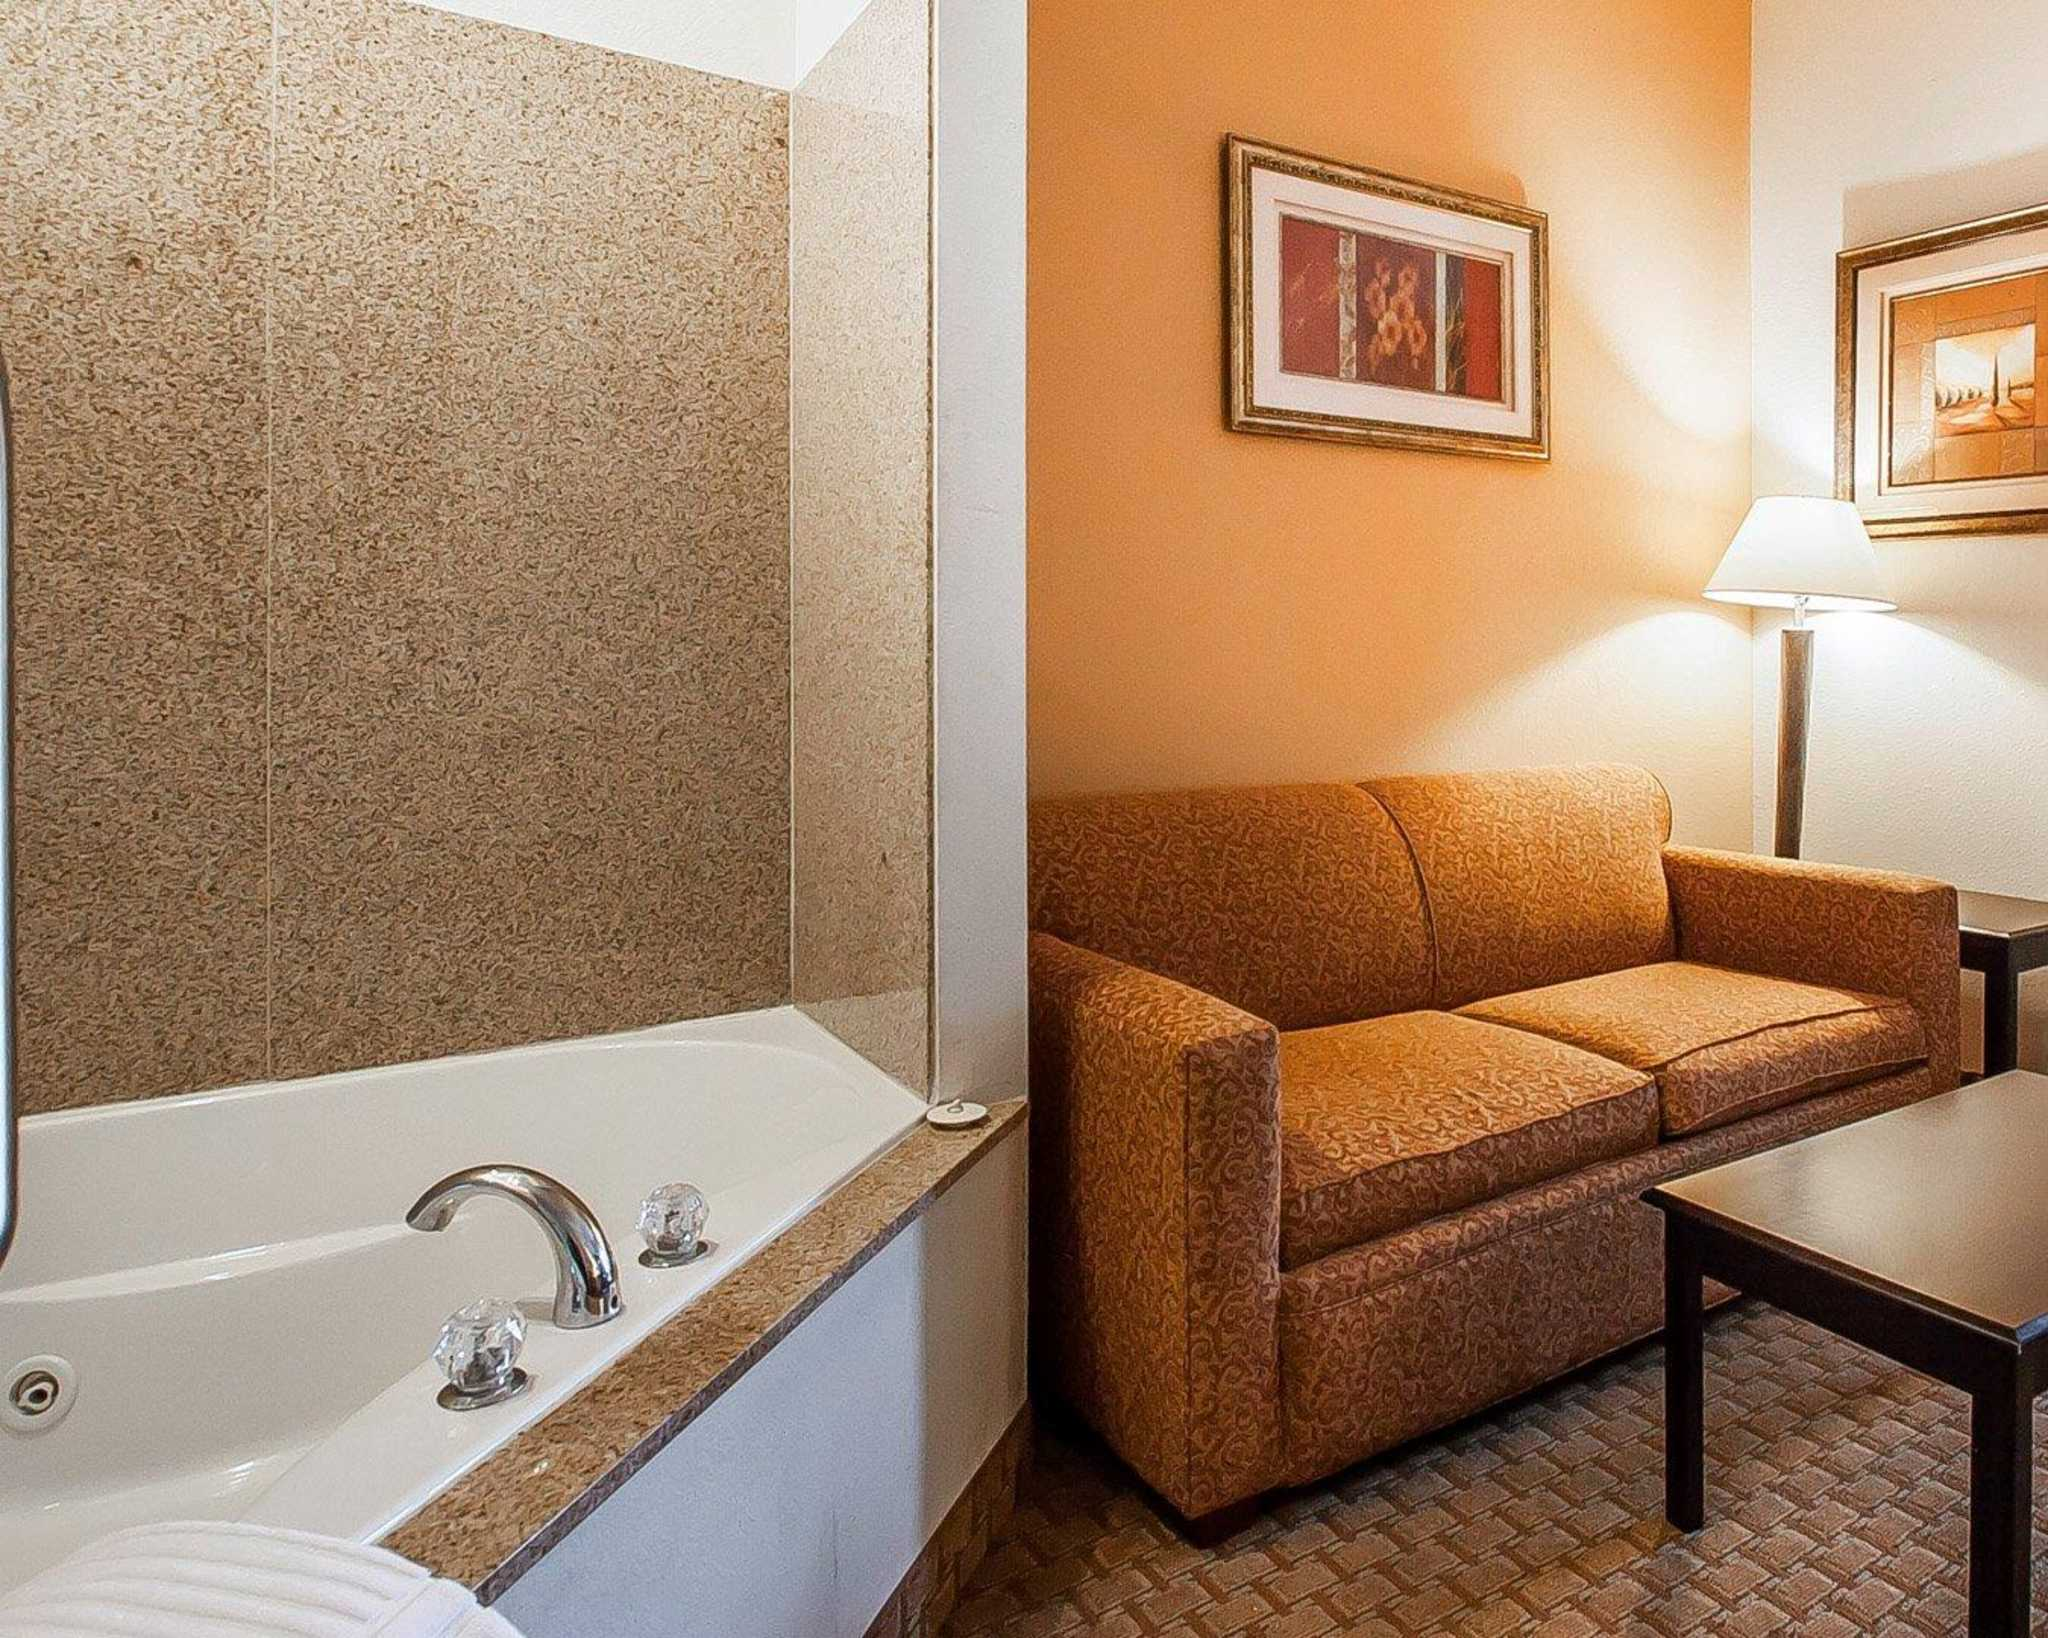 Comfort Suites Jackson-Cape Girardeau image 6